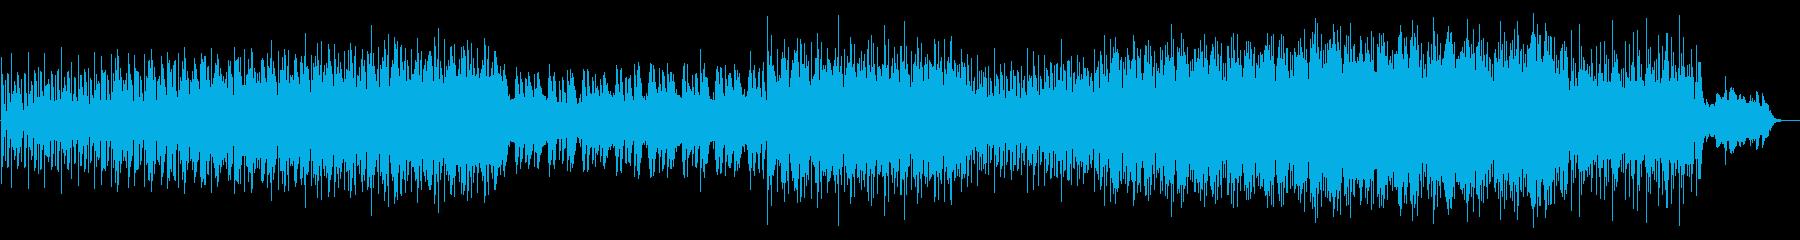 ミドルテンポの爽快なドライブテクノの再生済みの波形